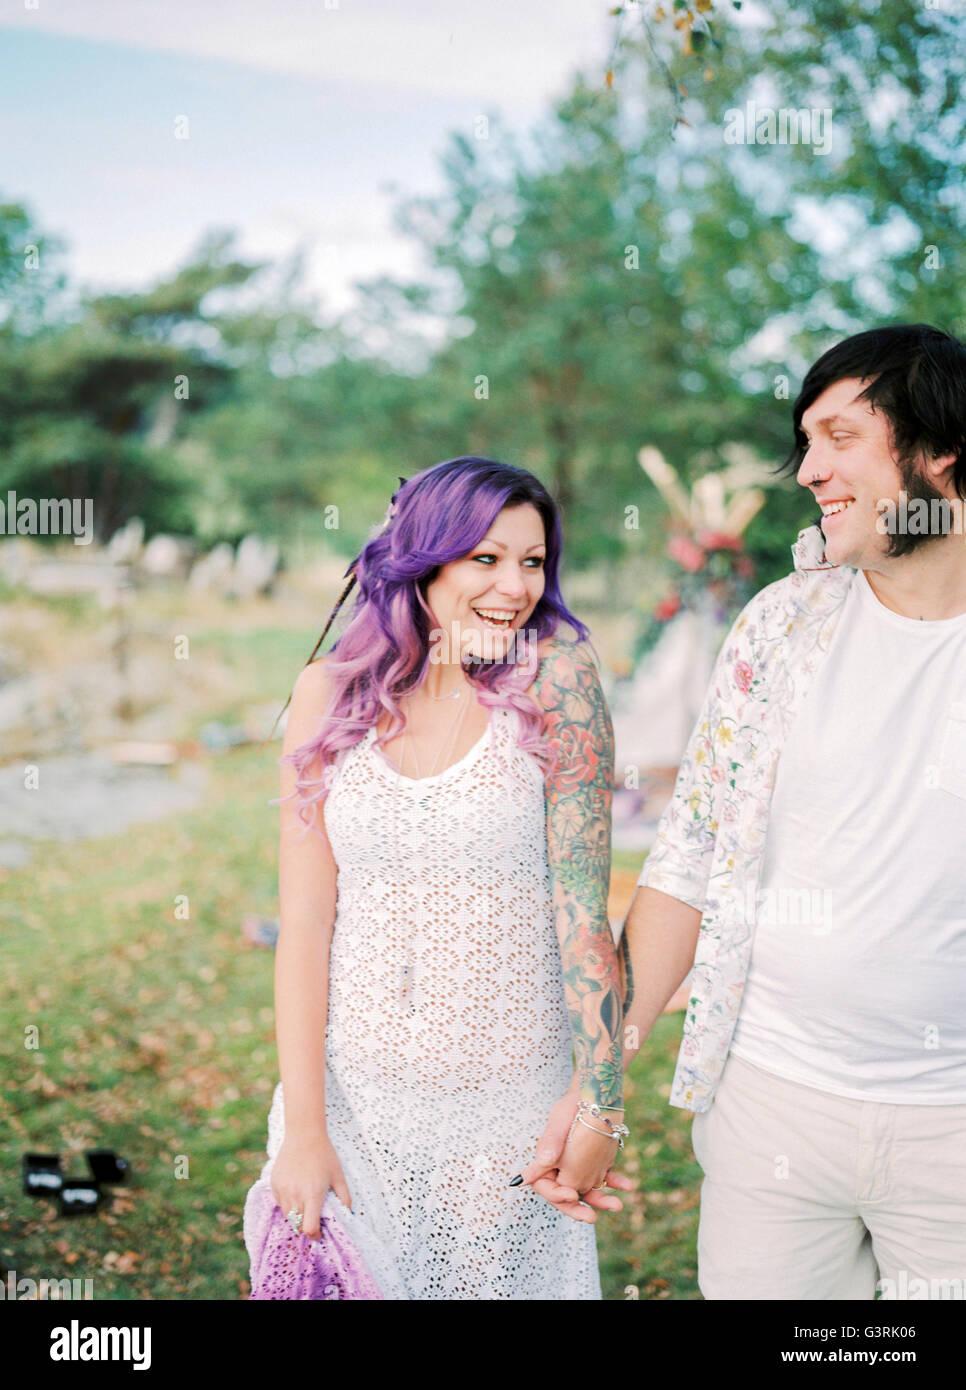 Schweden, Braut und Bräutigam stehen Hand in Hand im Hippie-Hochzeit Stockbild